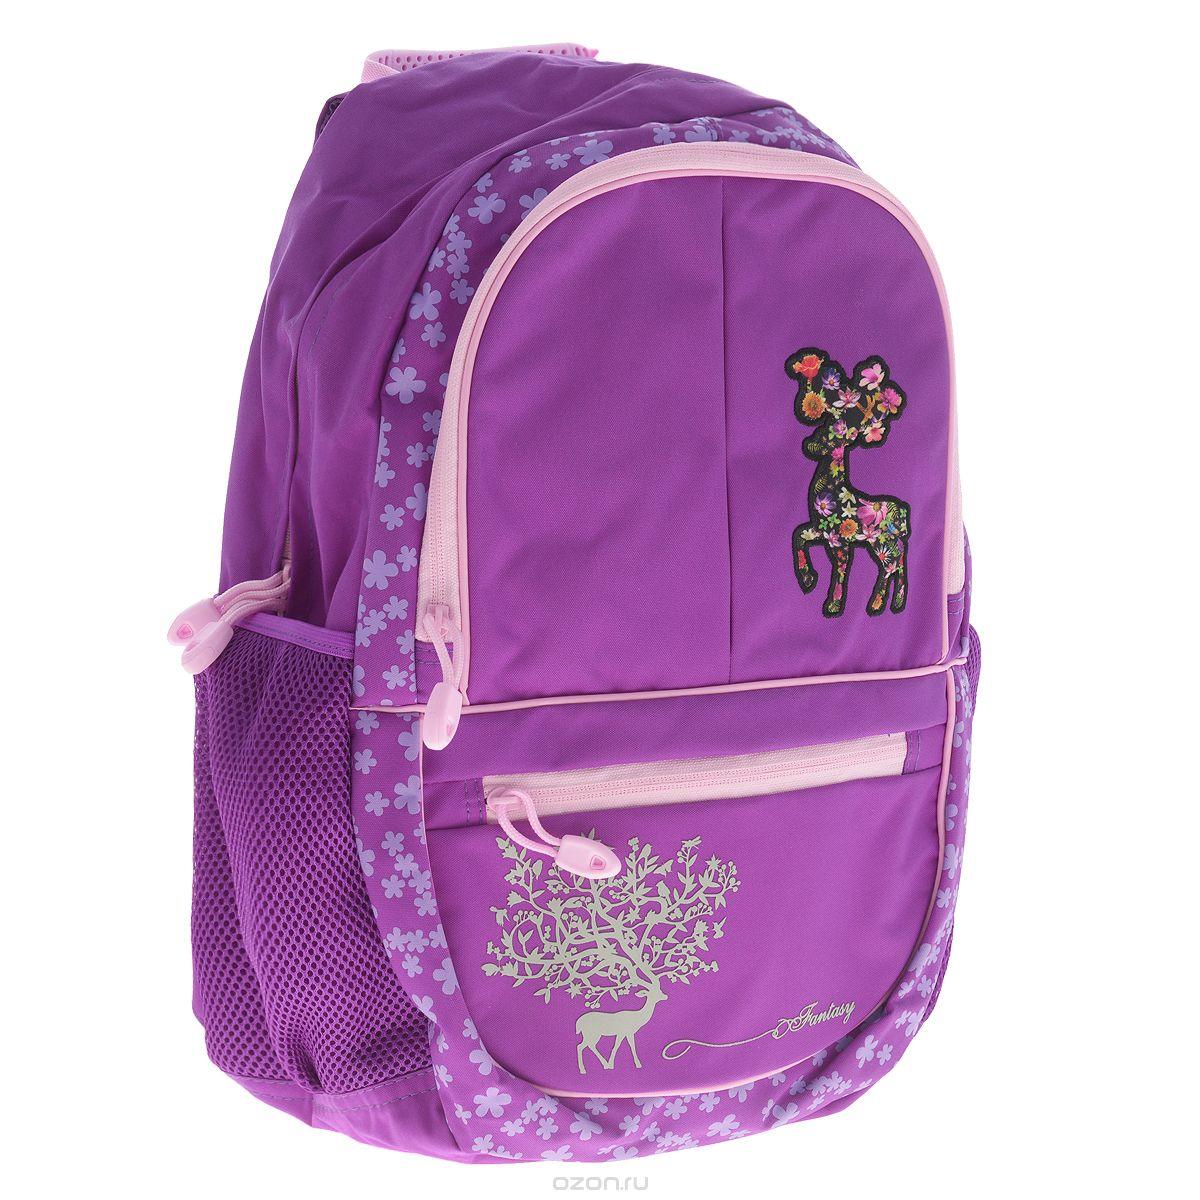 Tiger Family Рюкзак детский Fantasy цвет фиолетовый